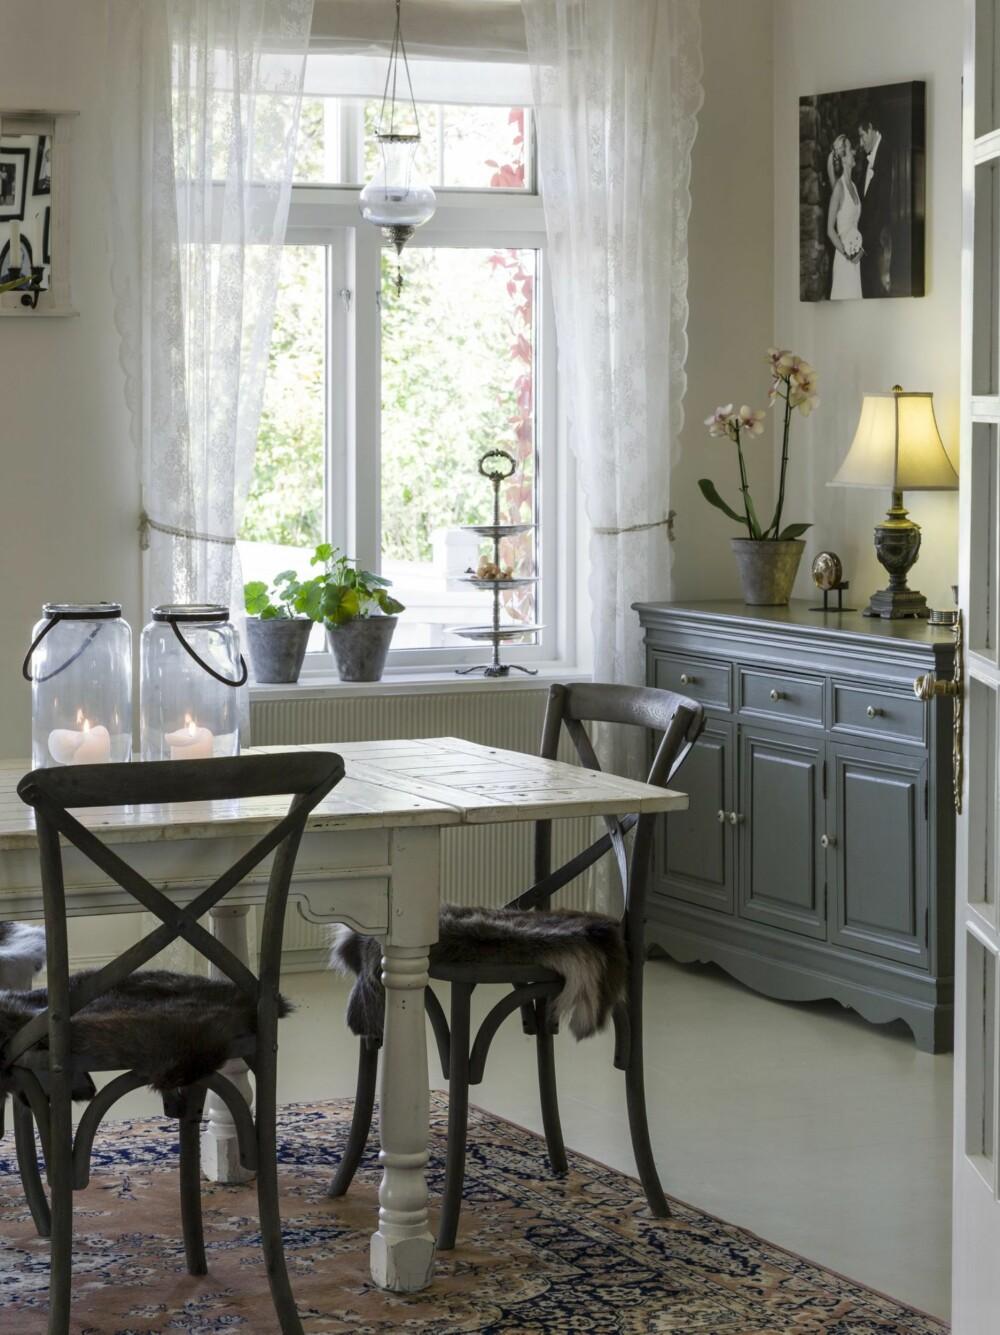 GJENNOMFØRT: Fra hallen kommer du inn til spisestuen, med bord og stoler fra Living. Skjenken er et gammelt møbel som har fått ny farge og nye knotter.  Fra dette rommet er det også utgang til en terrasse.